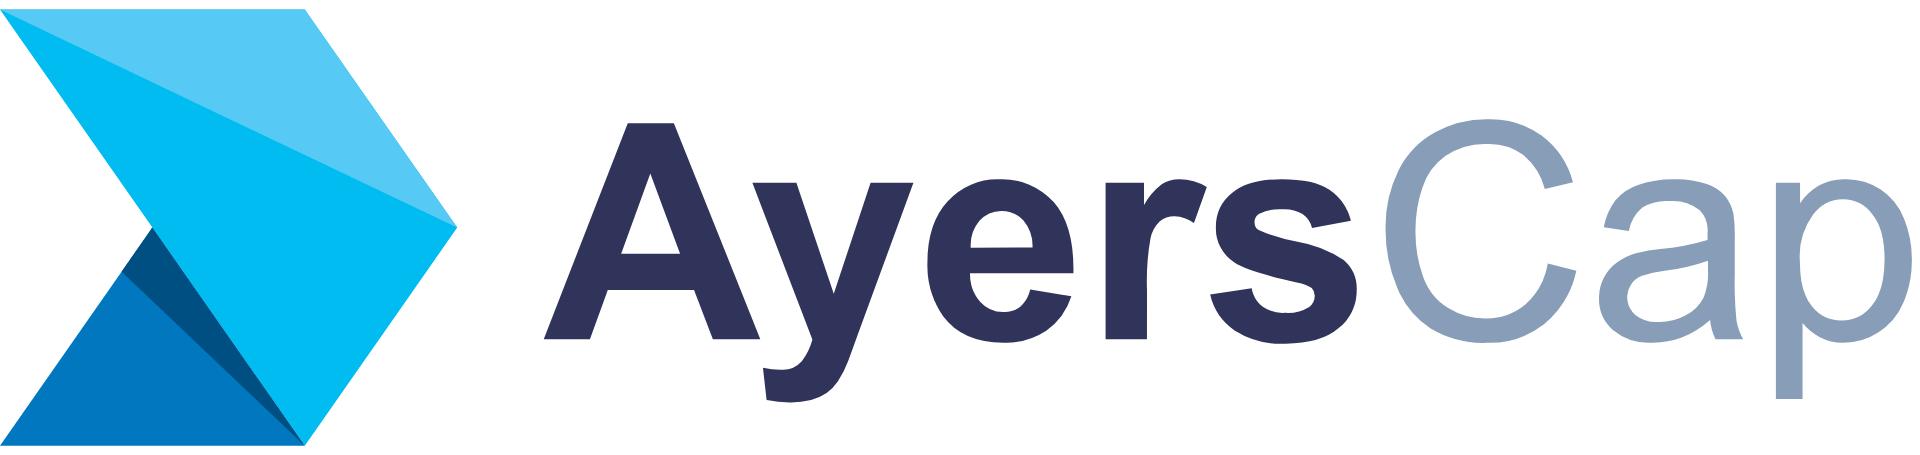 ayers logo-tin